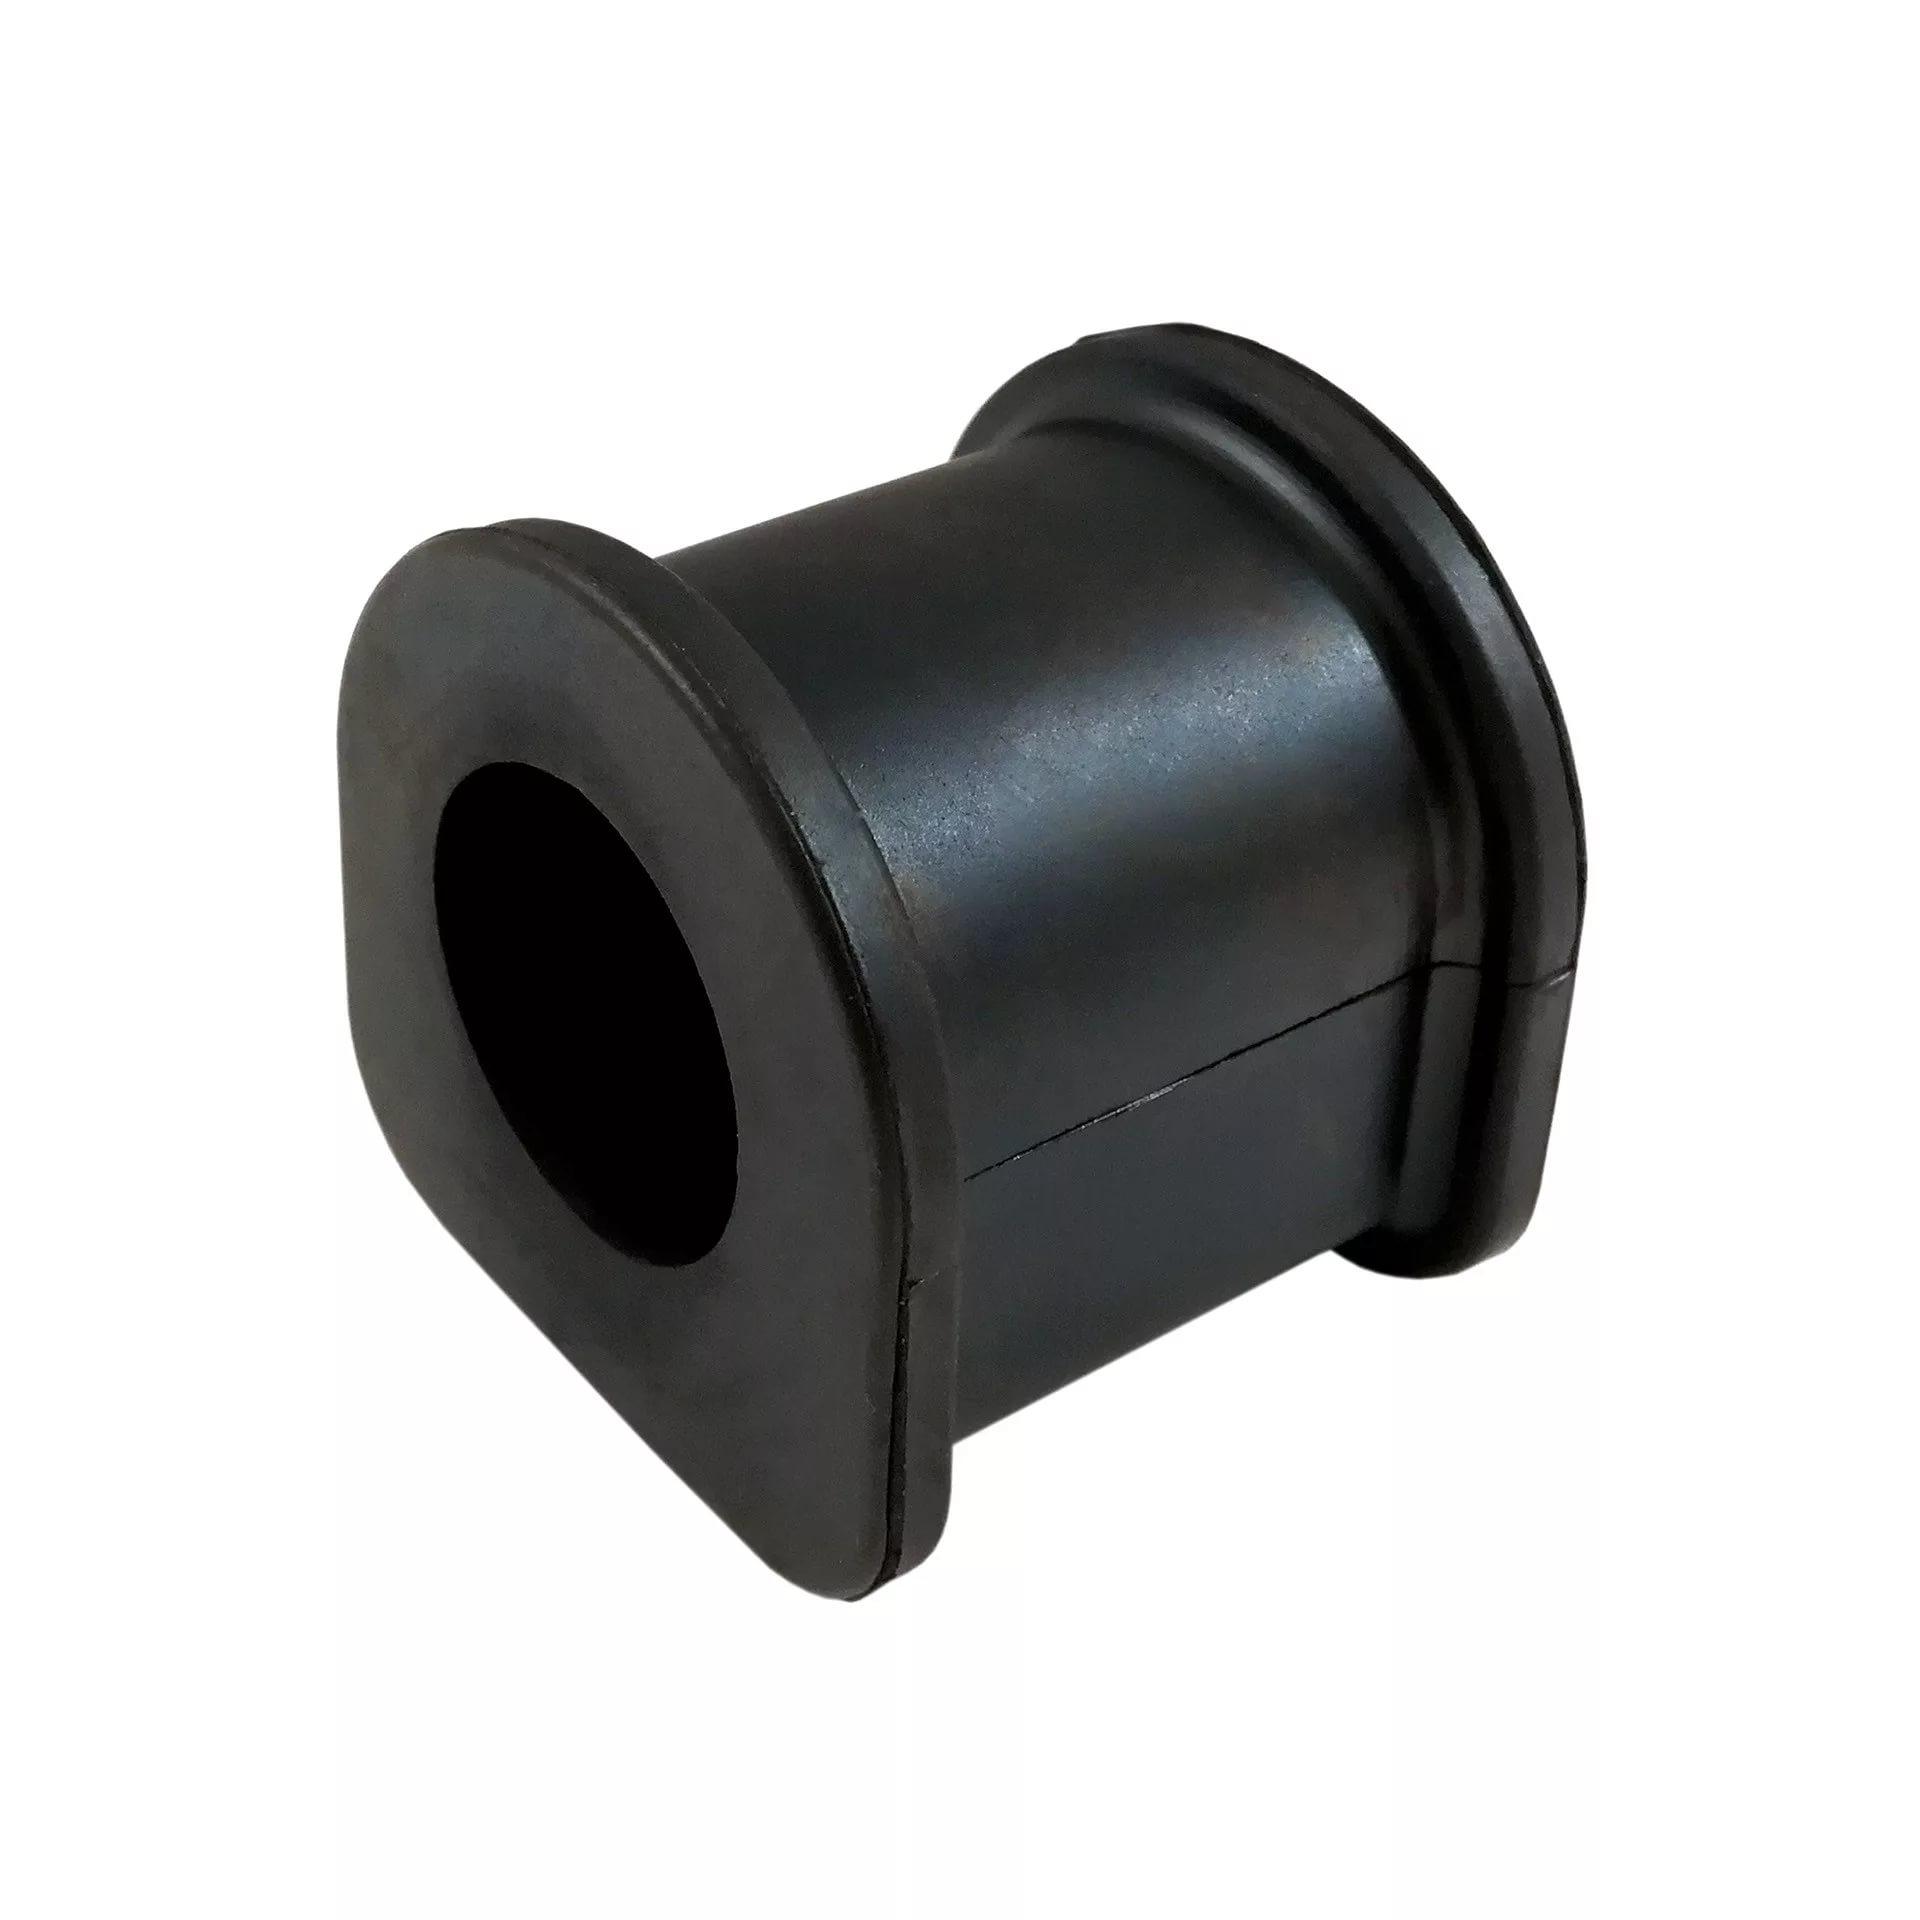 HANS PRIES 205467hp-586_втулка стабилизатора переднего d16 opel veCtra all 95 205467586